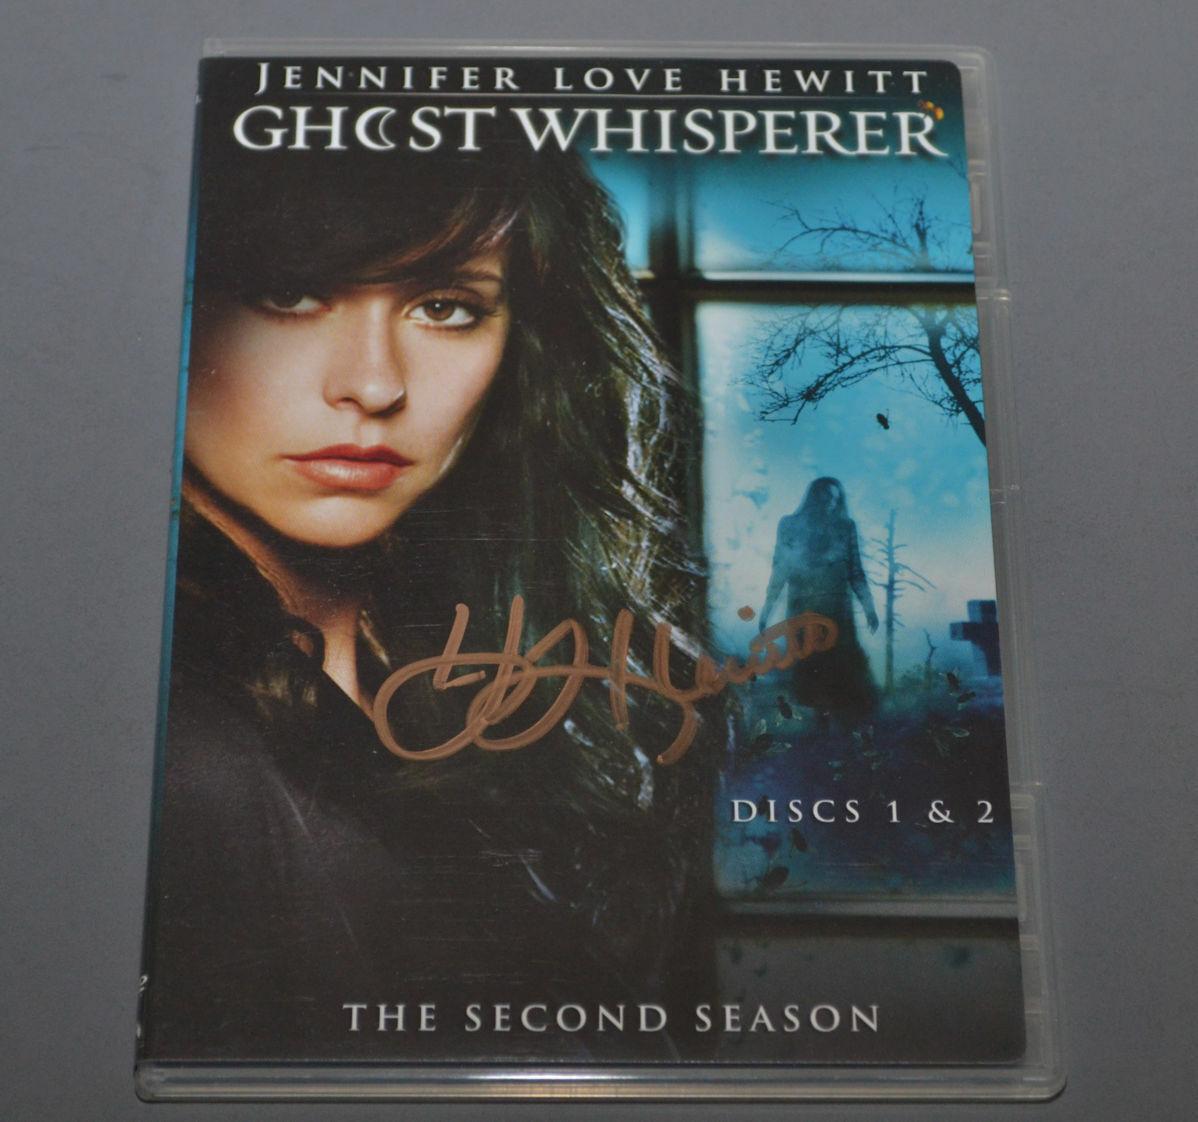 GHOST WHISPERER Second Season SIGNED by JENNIFER LOVE HEWITT  Disc 1 & 2